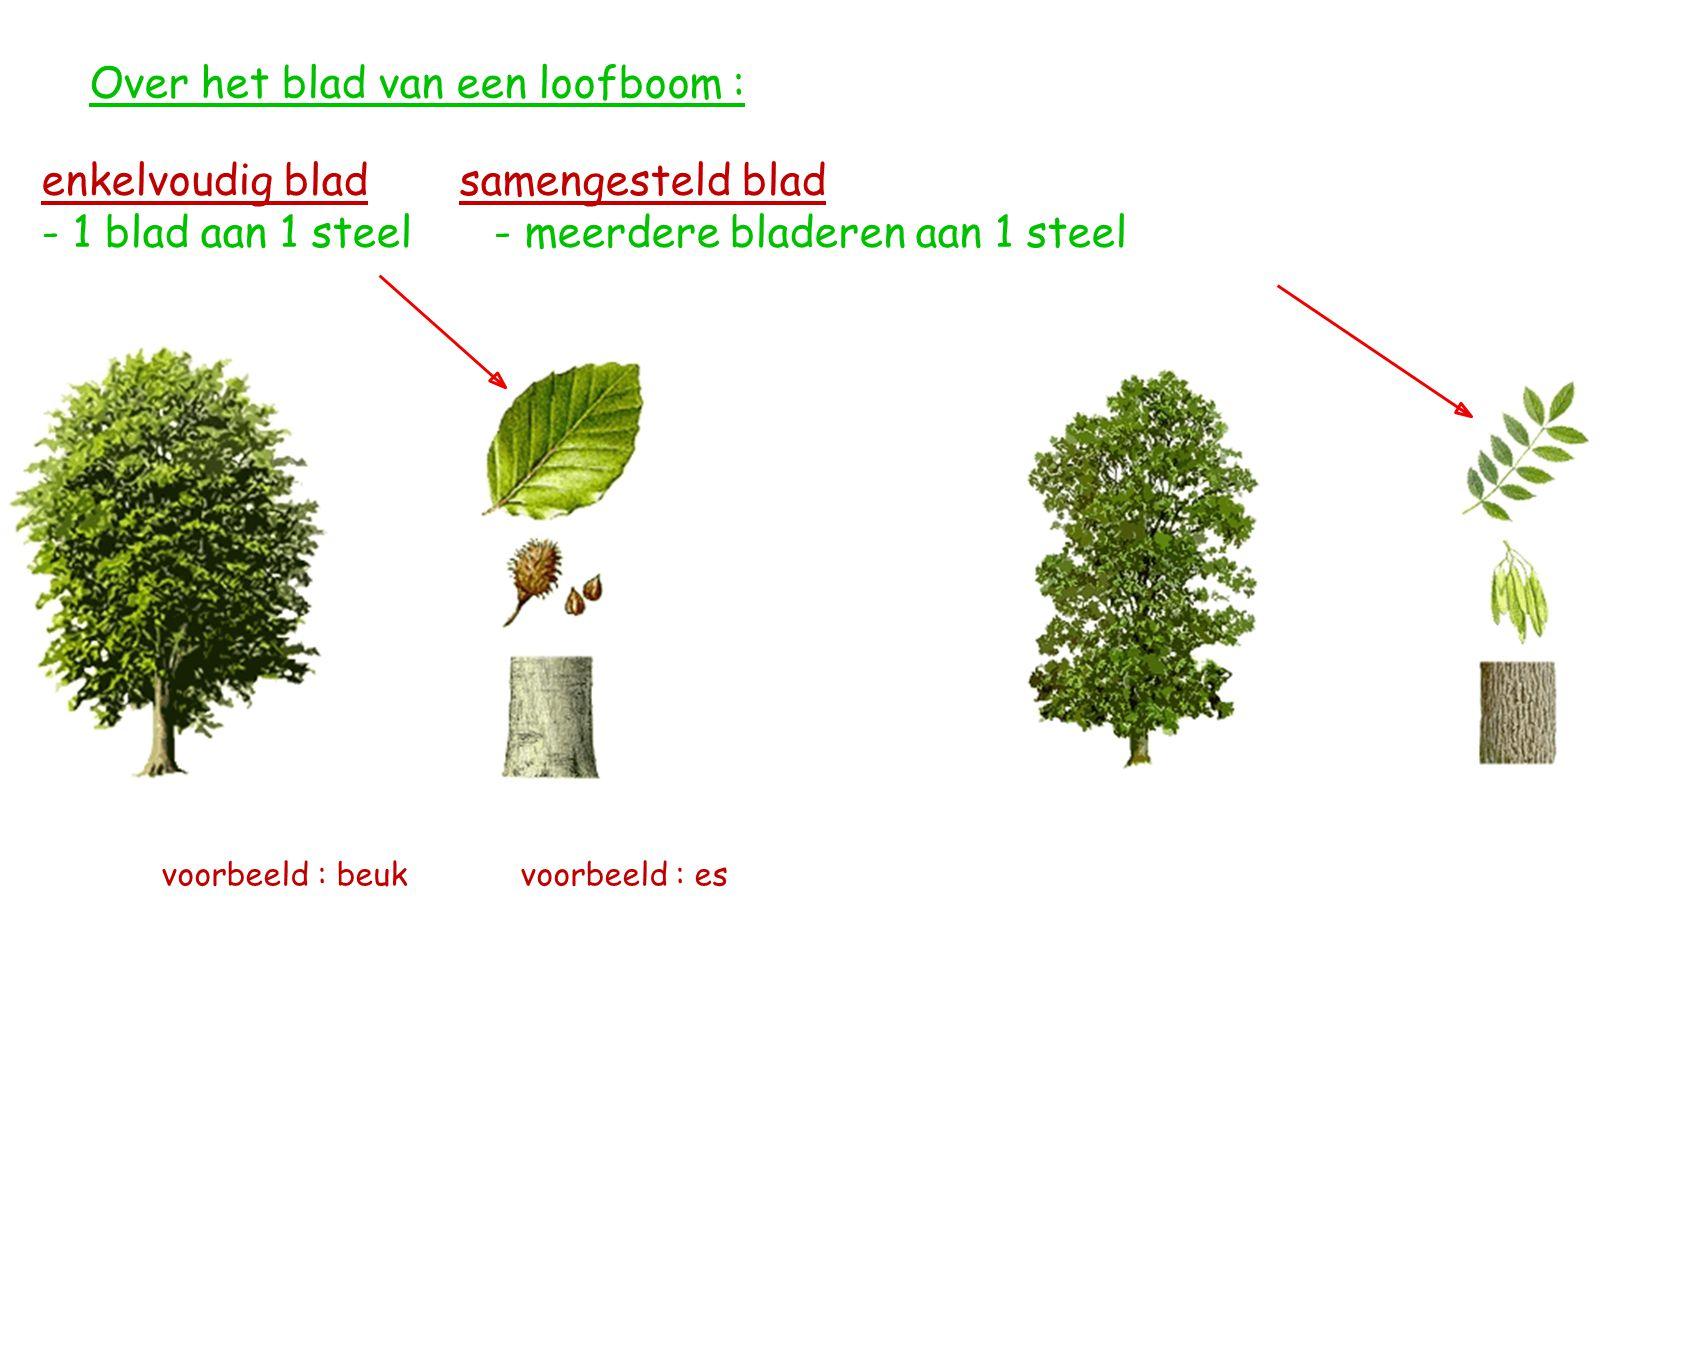 Over het blad van een loofboom : enkelvoudig blad samengesteld blad - 1 blad aan 1 steel - meerdere bladeren aan 1 steel voorbeeld : beuk voorbeeld : es